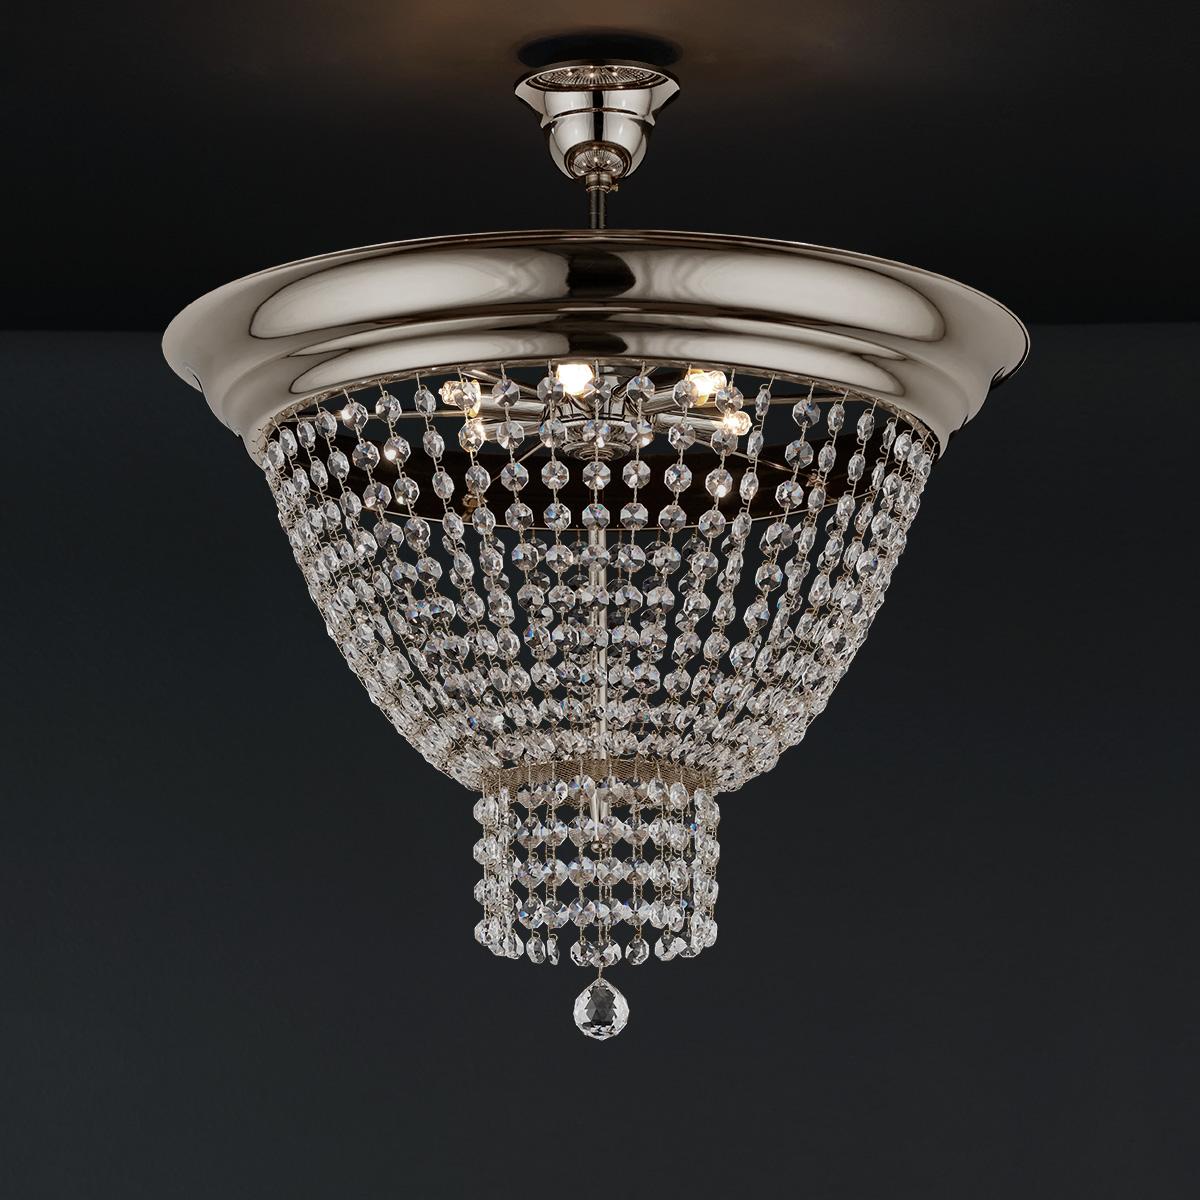 Φωτιστικό οροφής με κρύσταλλα ΦΑΙΔΡΑ ceiling lamp with crystal accents